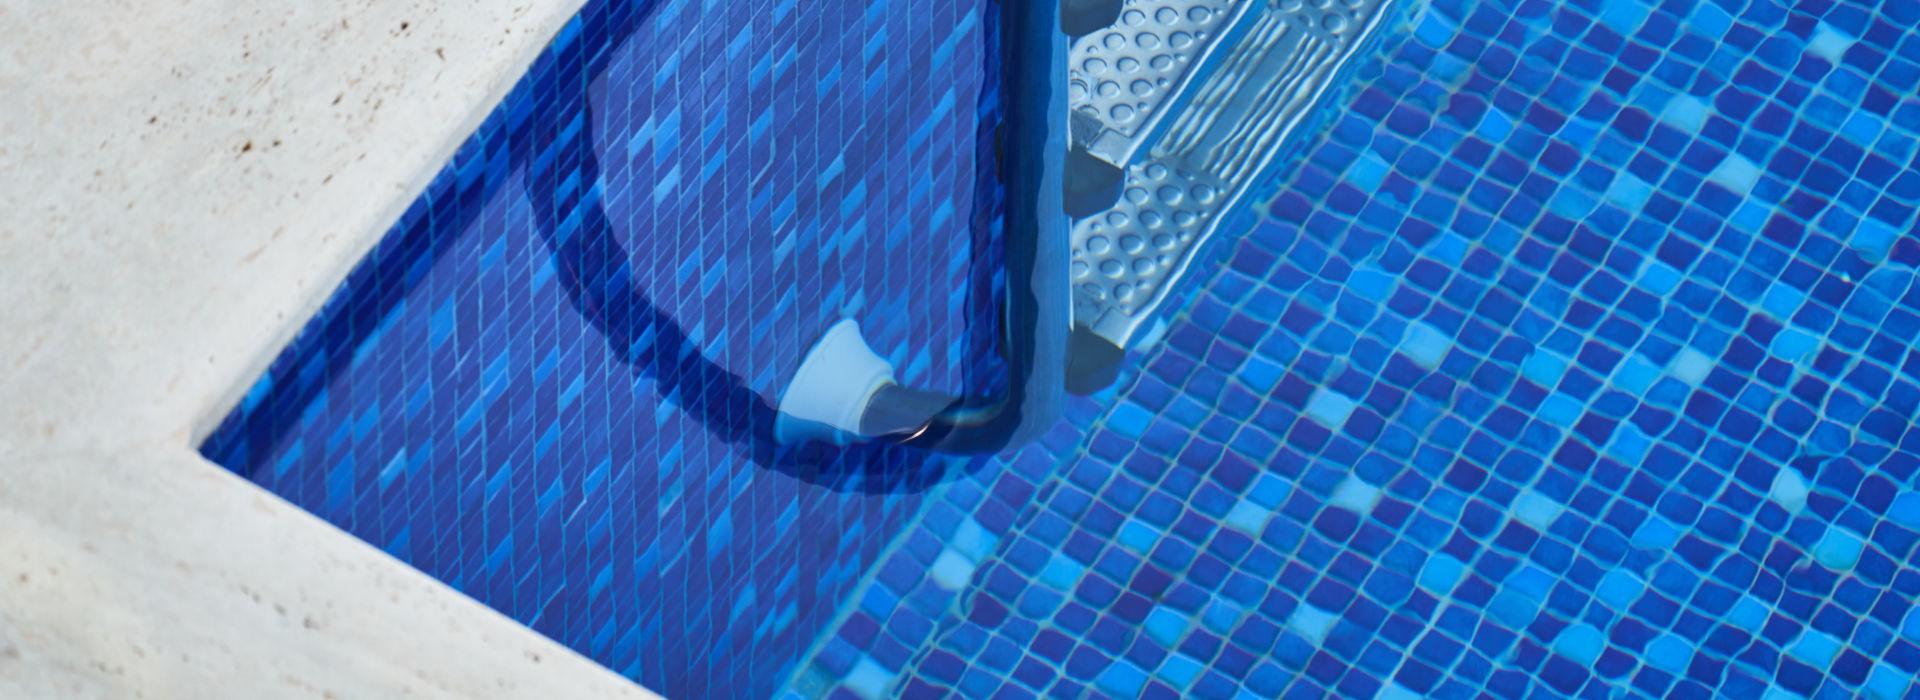 Pool Tile Blue